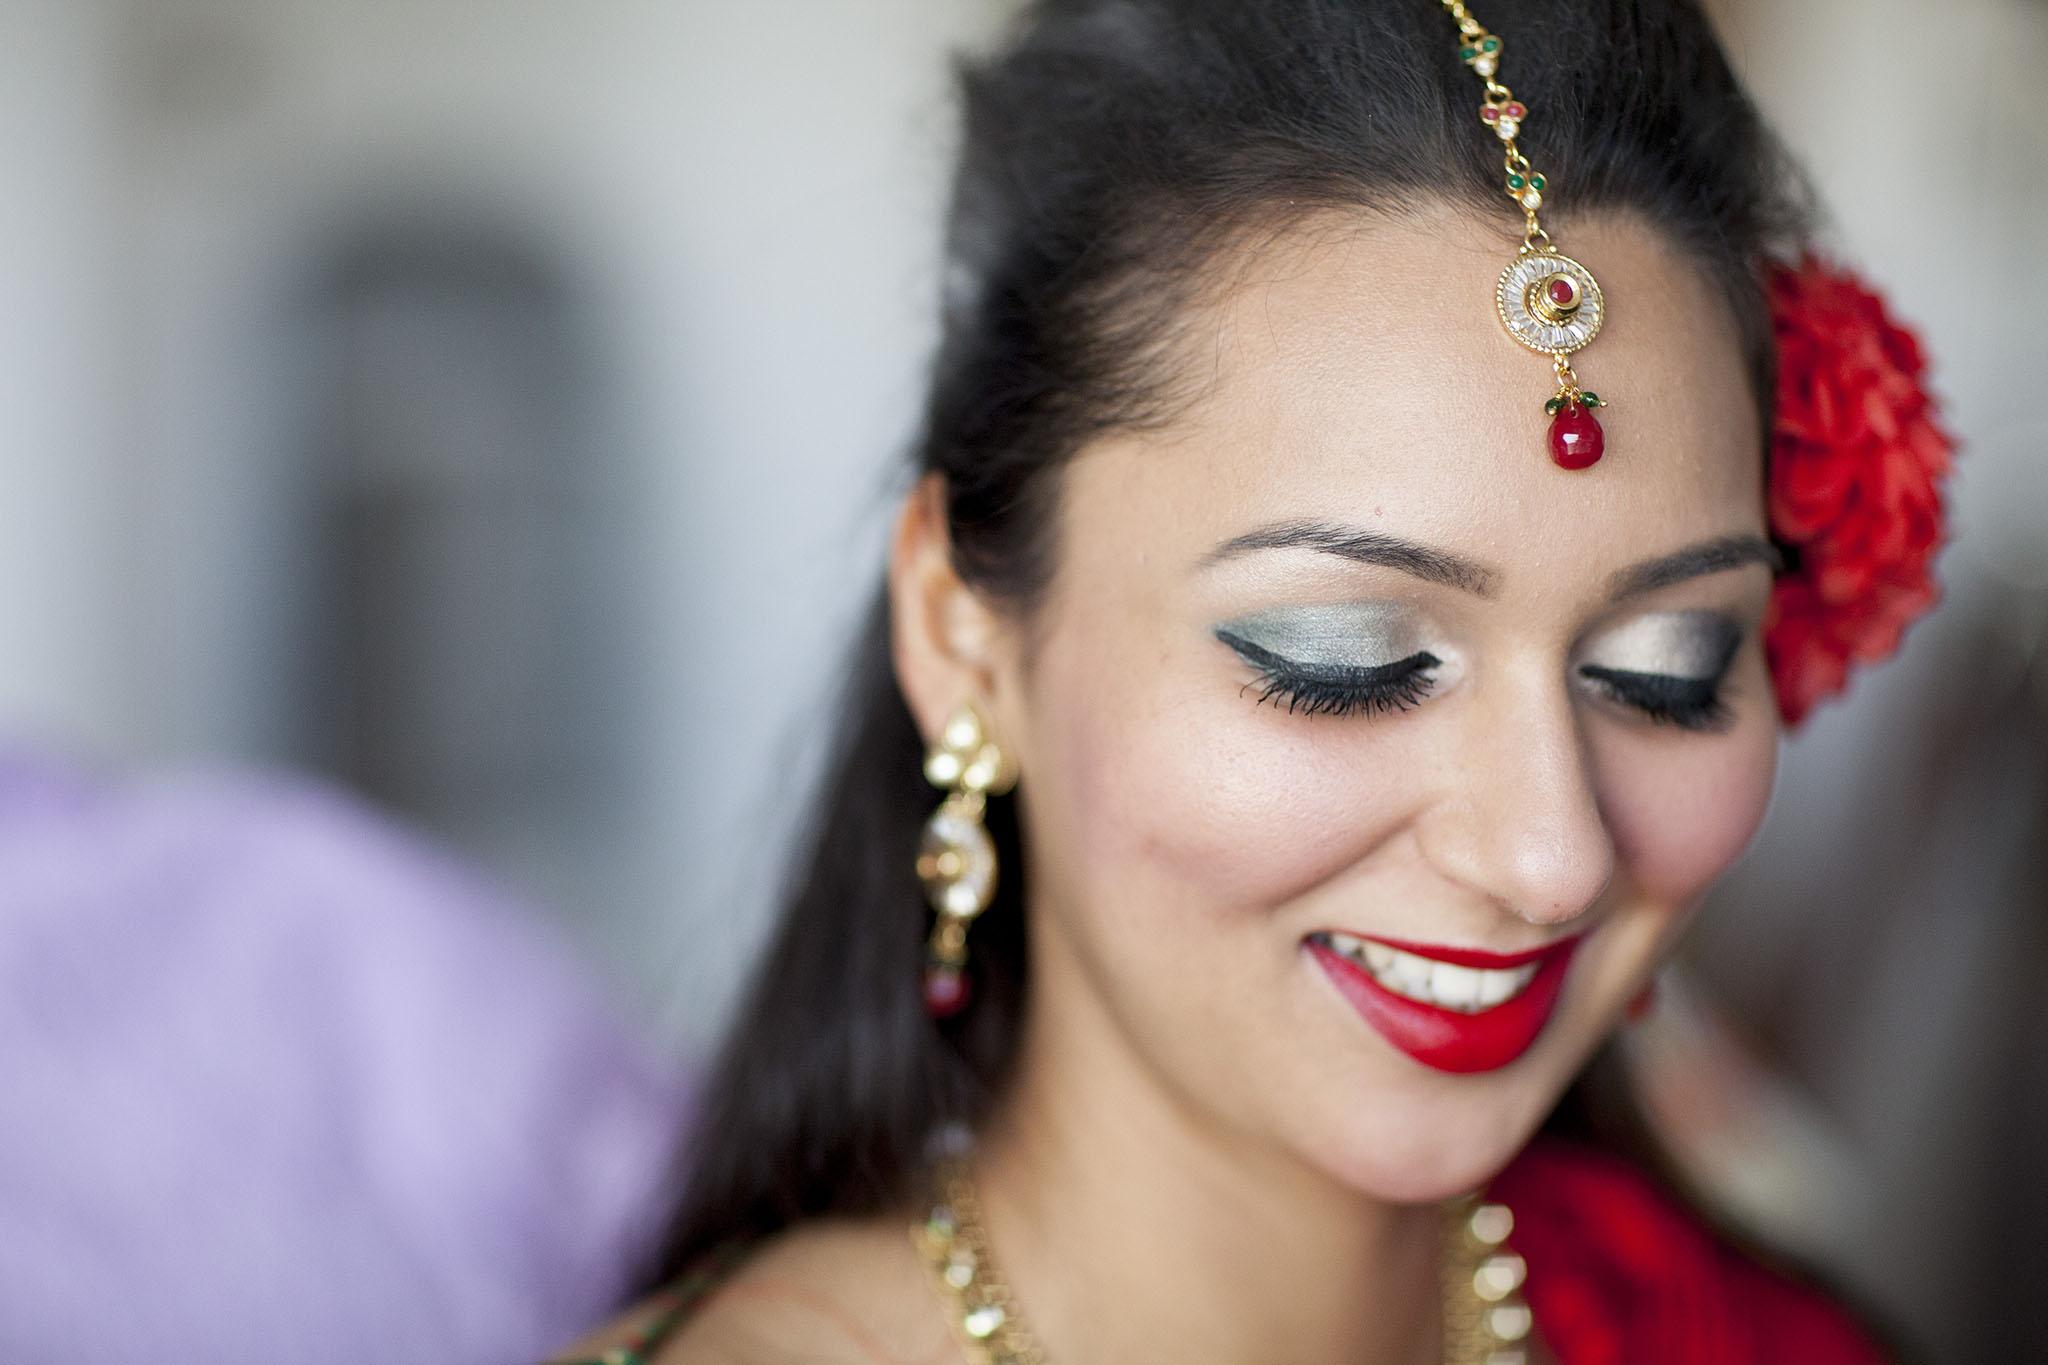 elizabethg_fineart_photography_hertfordshire_indian_wedding_mehndi_kundalata_05.jpg